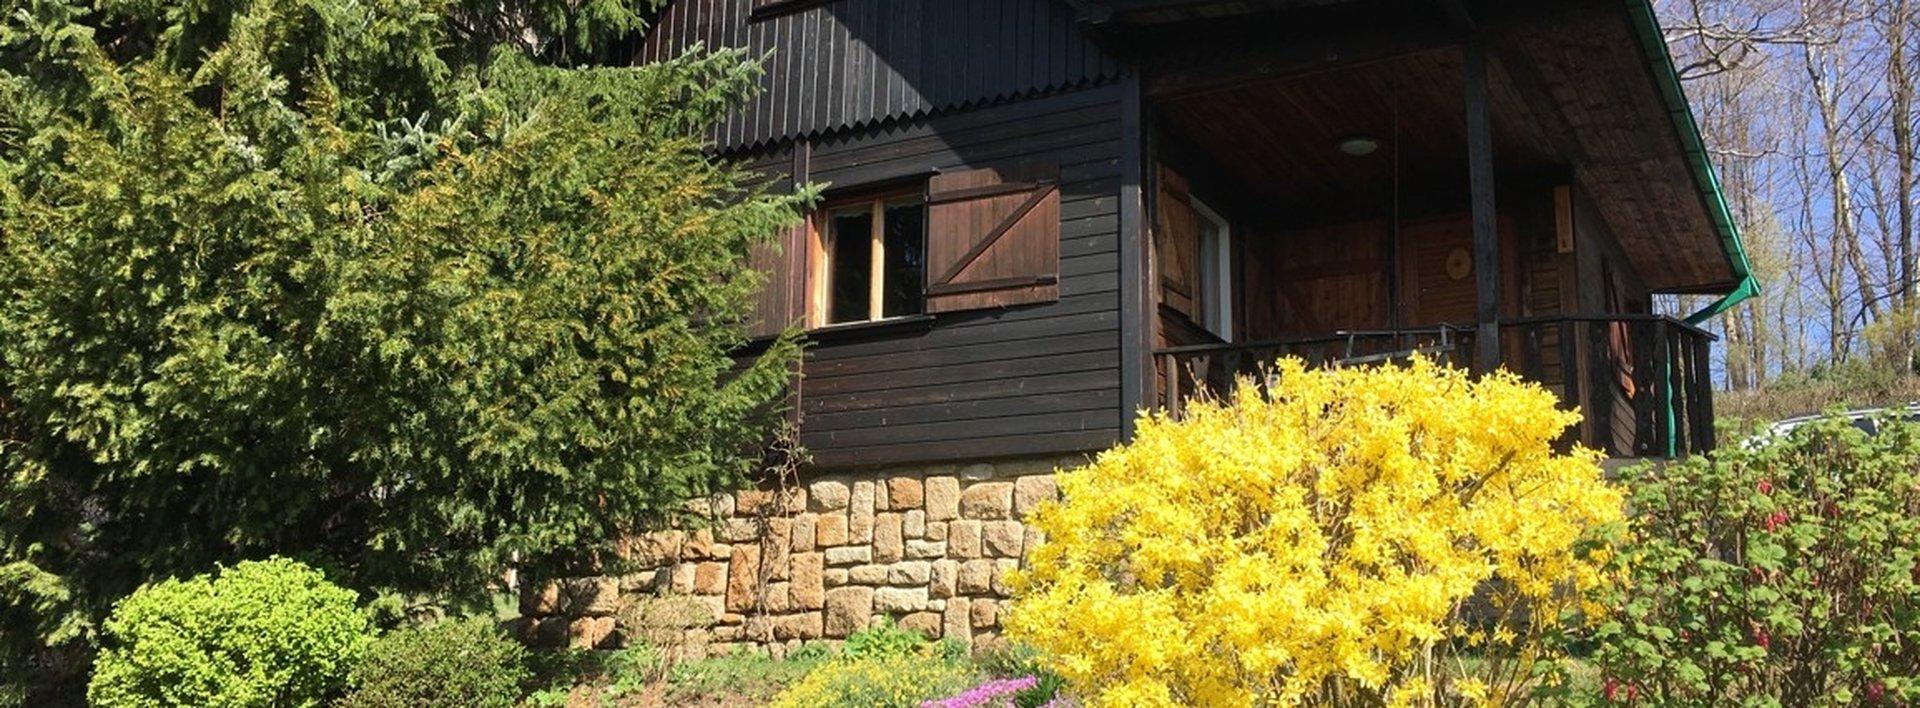 Prodej úžasné rekreační chaty 40 m² - s velkorysou zahradou 1182 m², Ev.č.: N48741